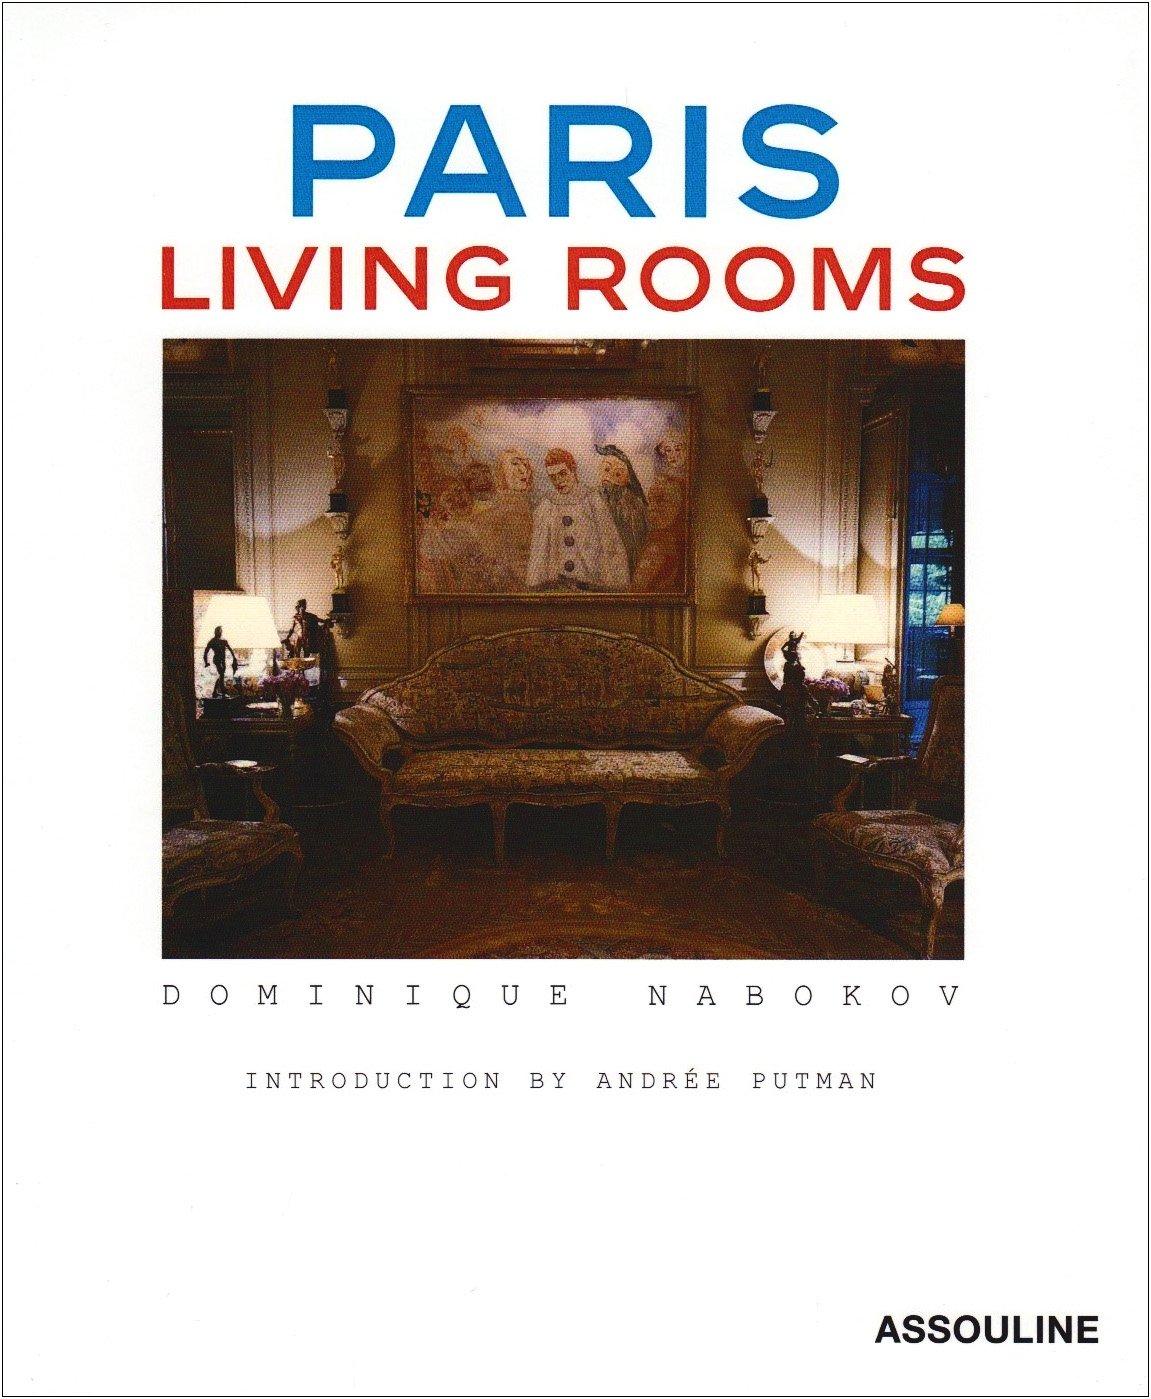 Paris Living Rooms